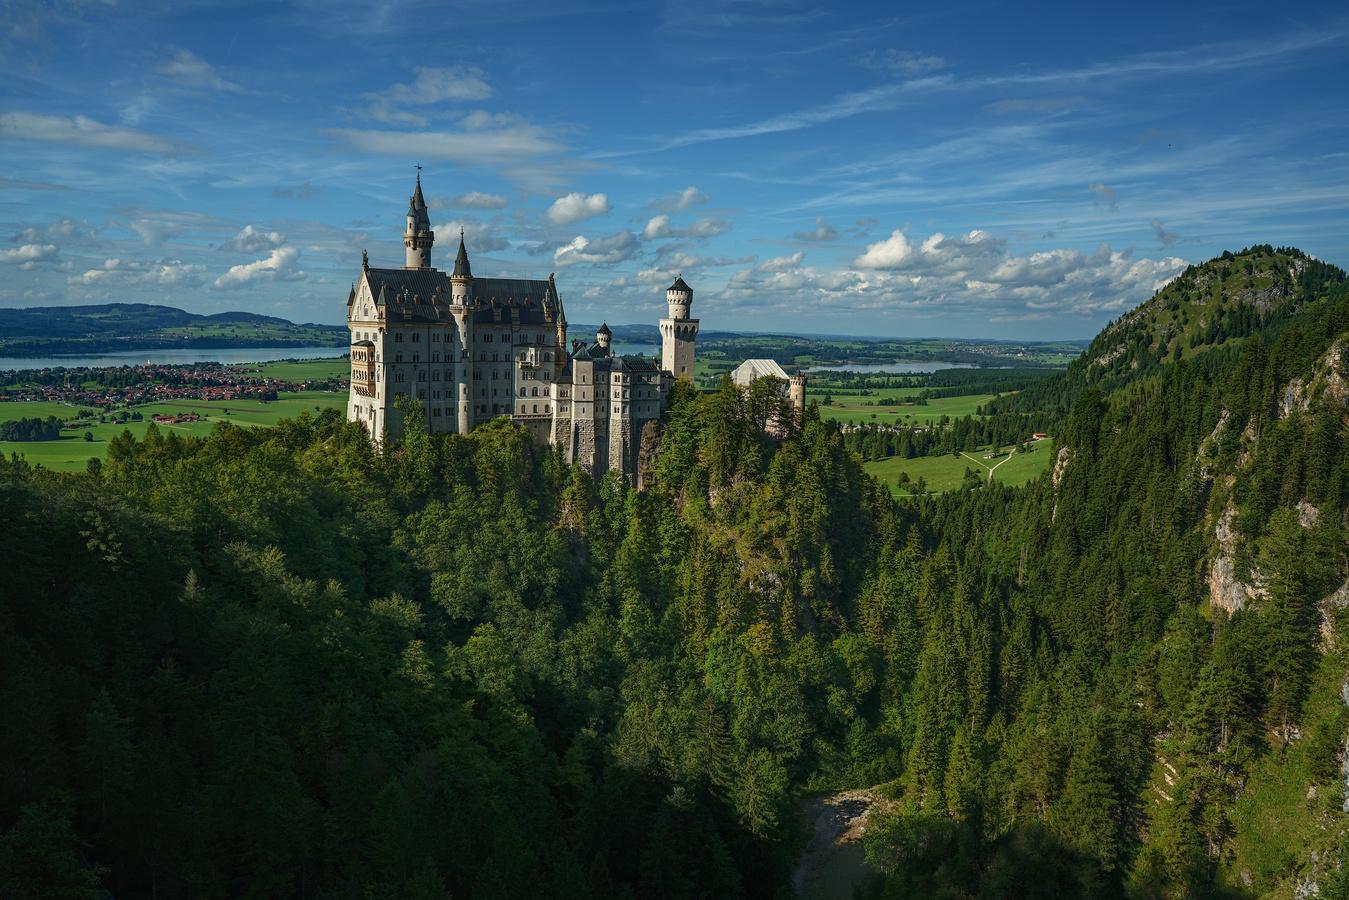 Pohádkový zámek Neuschwanstein